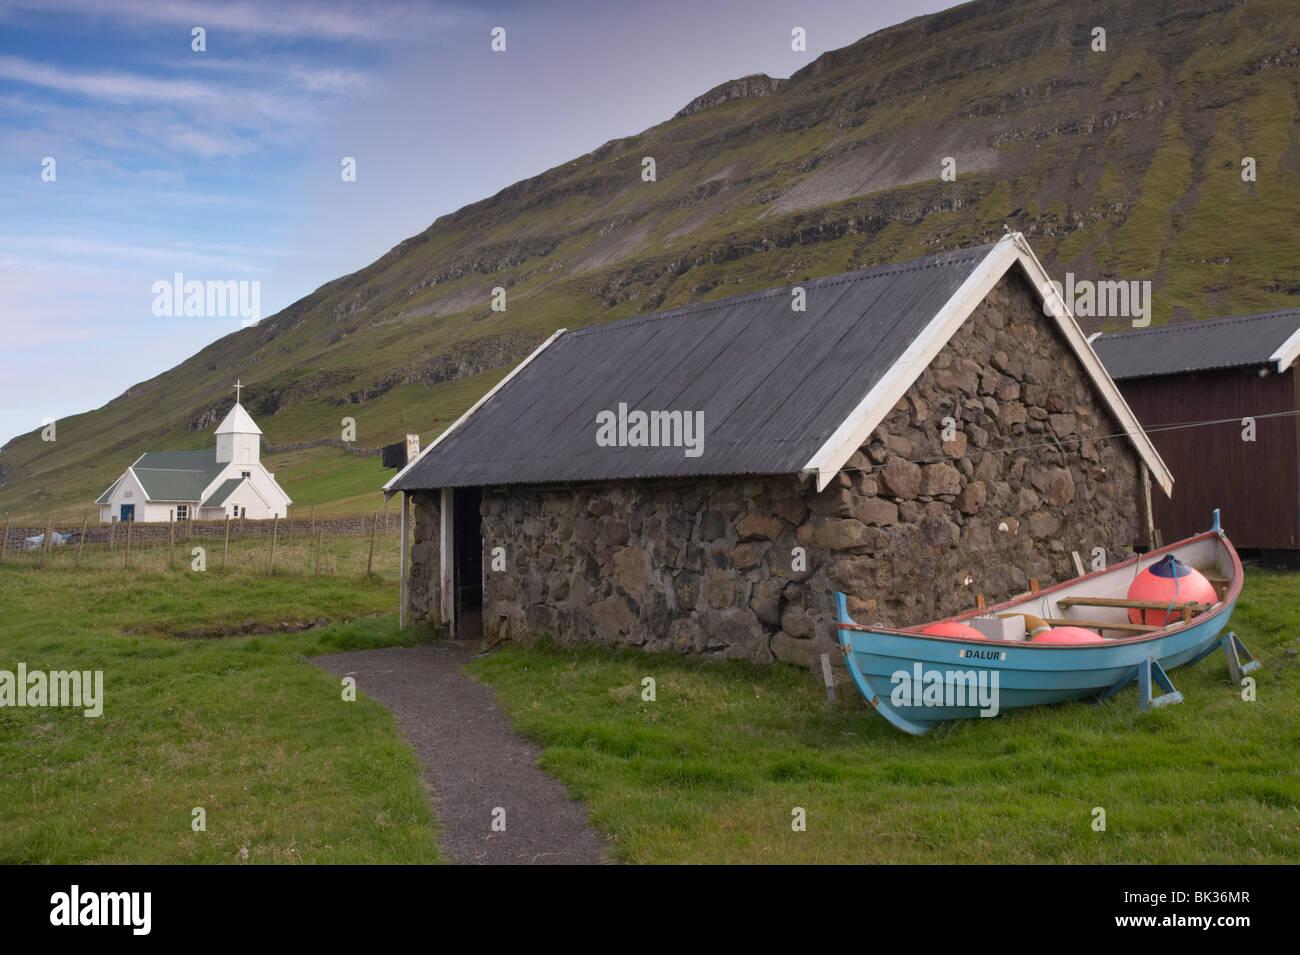 Les bâtiments traditionnels à Dalur, Sandoy, Îles Féroé (îles Féroé), Danemark, Photo Stock